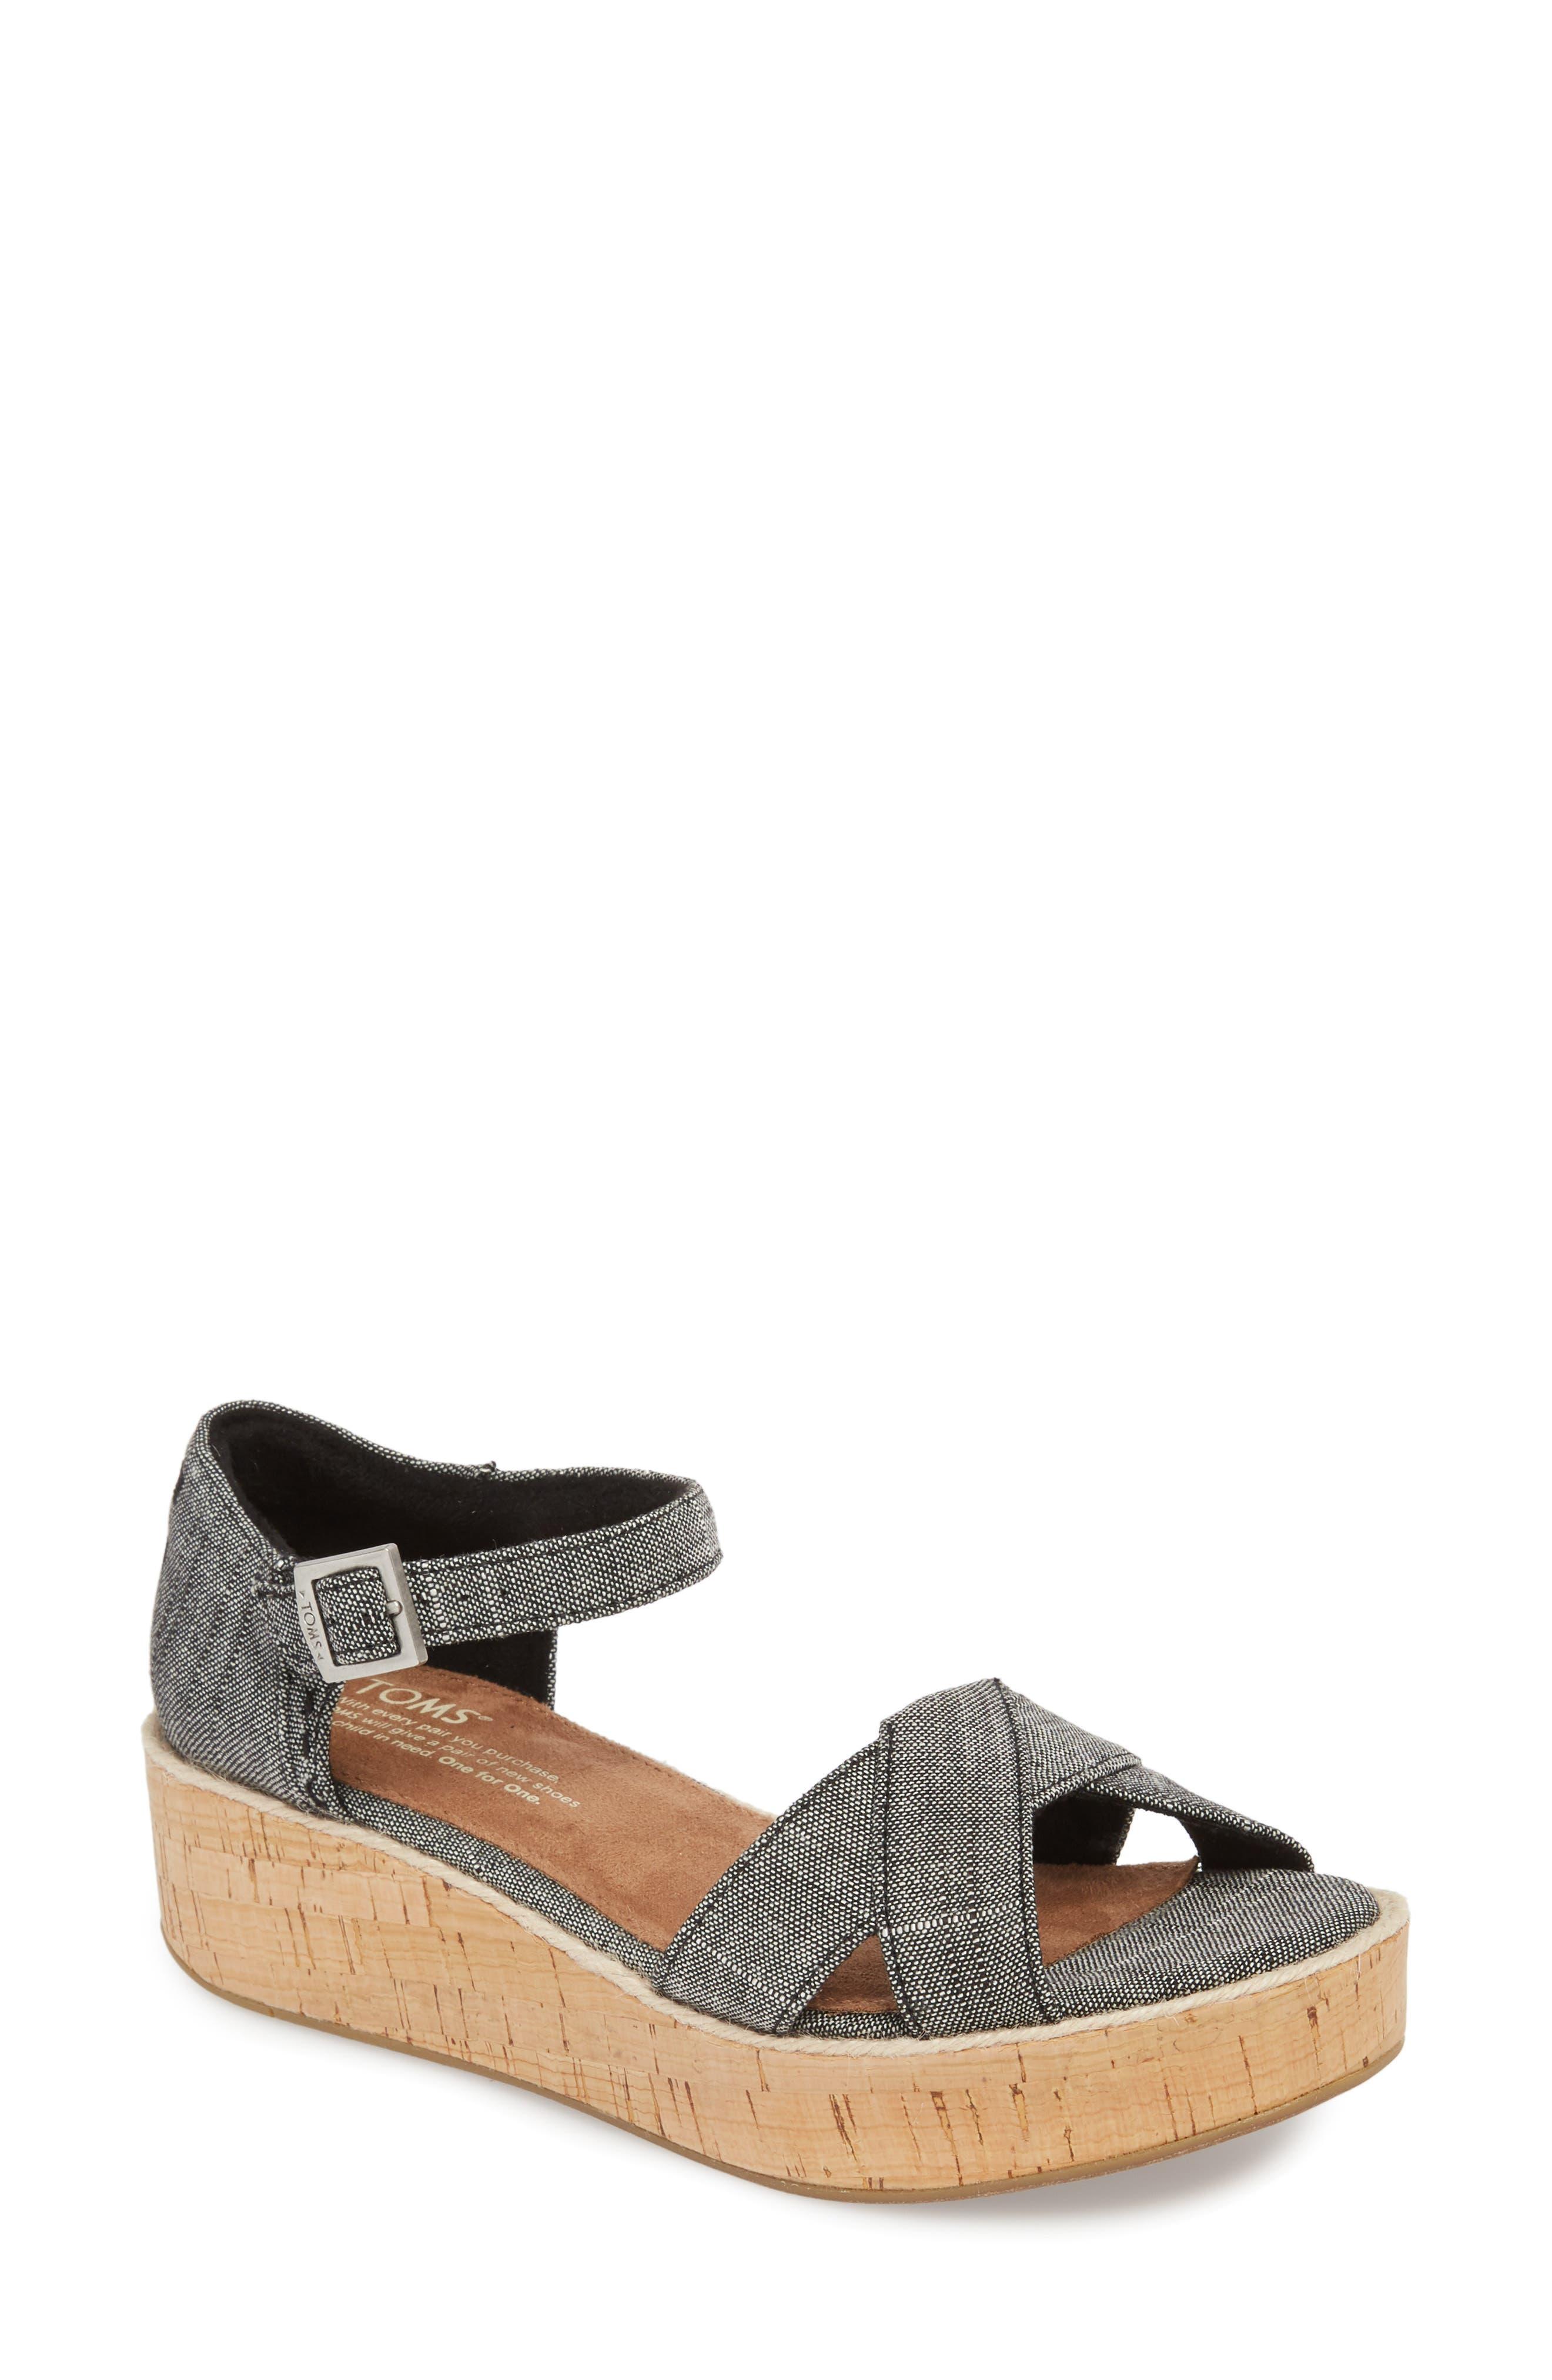 Harper Platform Sandal,                         Main,                         color,